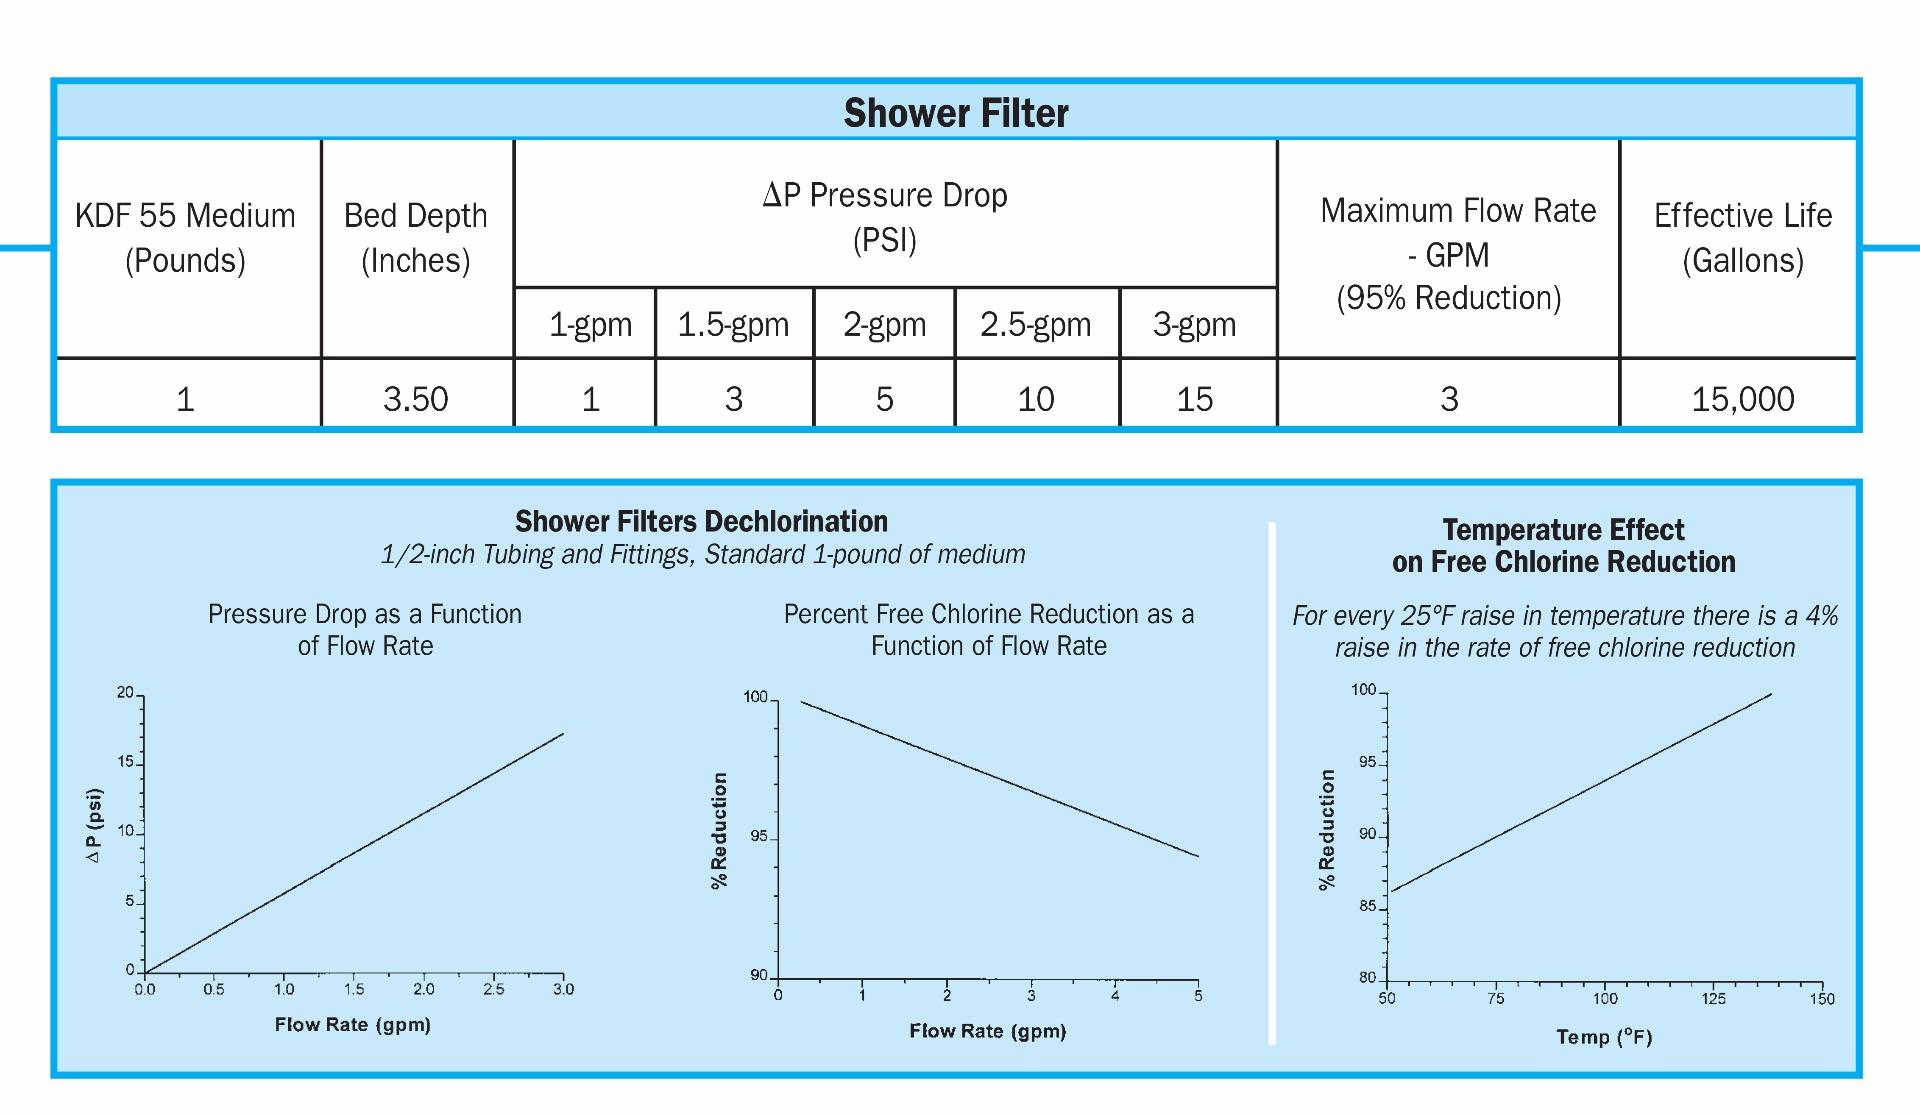 KDF Shower Filter Specs